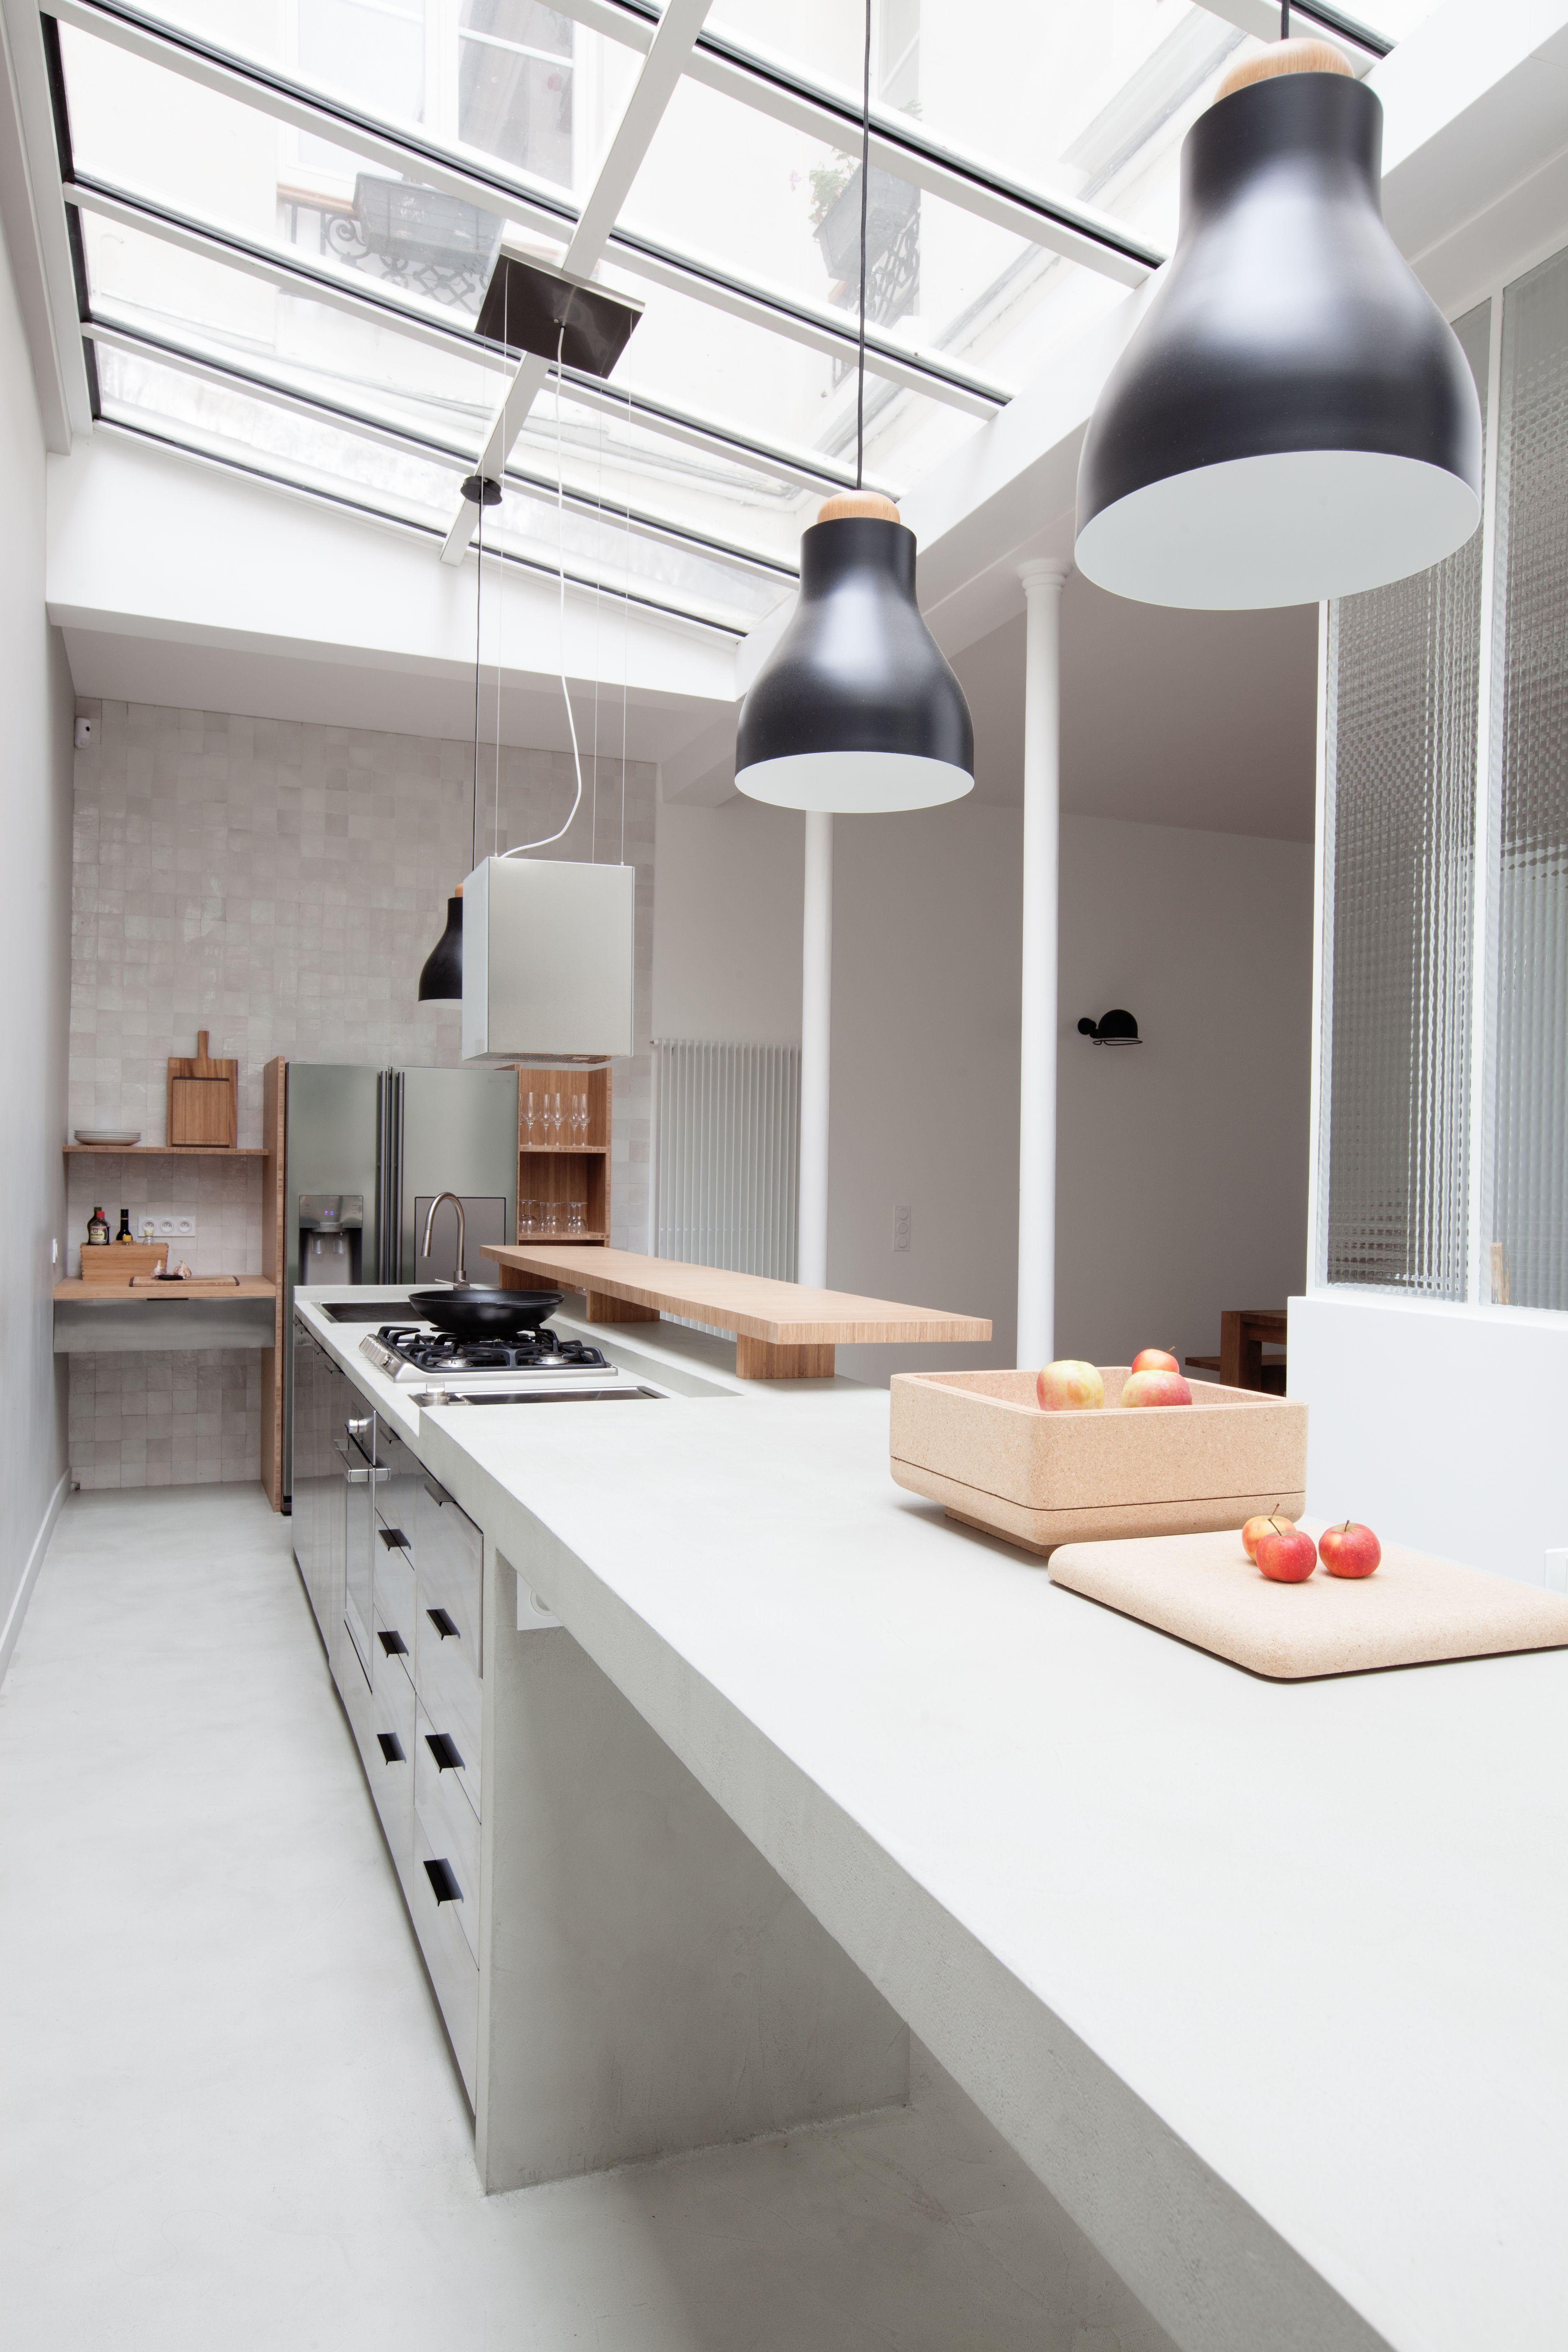 ilot cuisine tout en longueur c t technique evier lave vaisselle plaque gaz et four sont. Black Bedroom Furniture Sets. Home Design Ideas